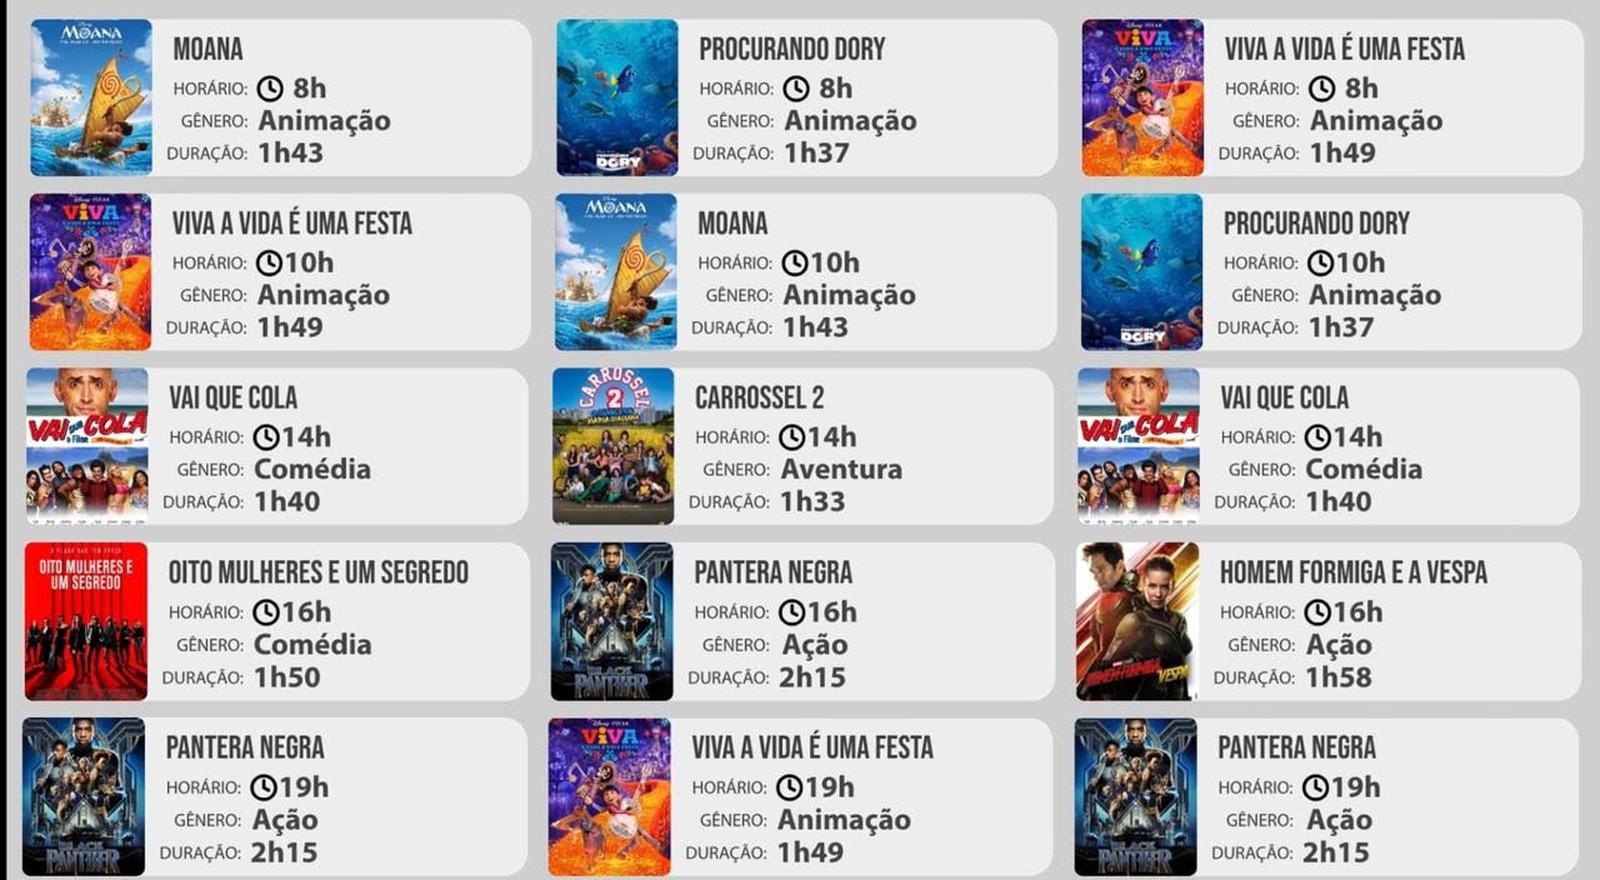 Cinema Intinerante chega em Marabá, nos dias 17, 18 e 19 de Janeiro